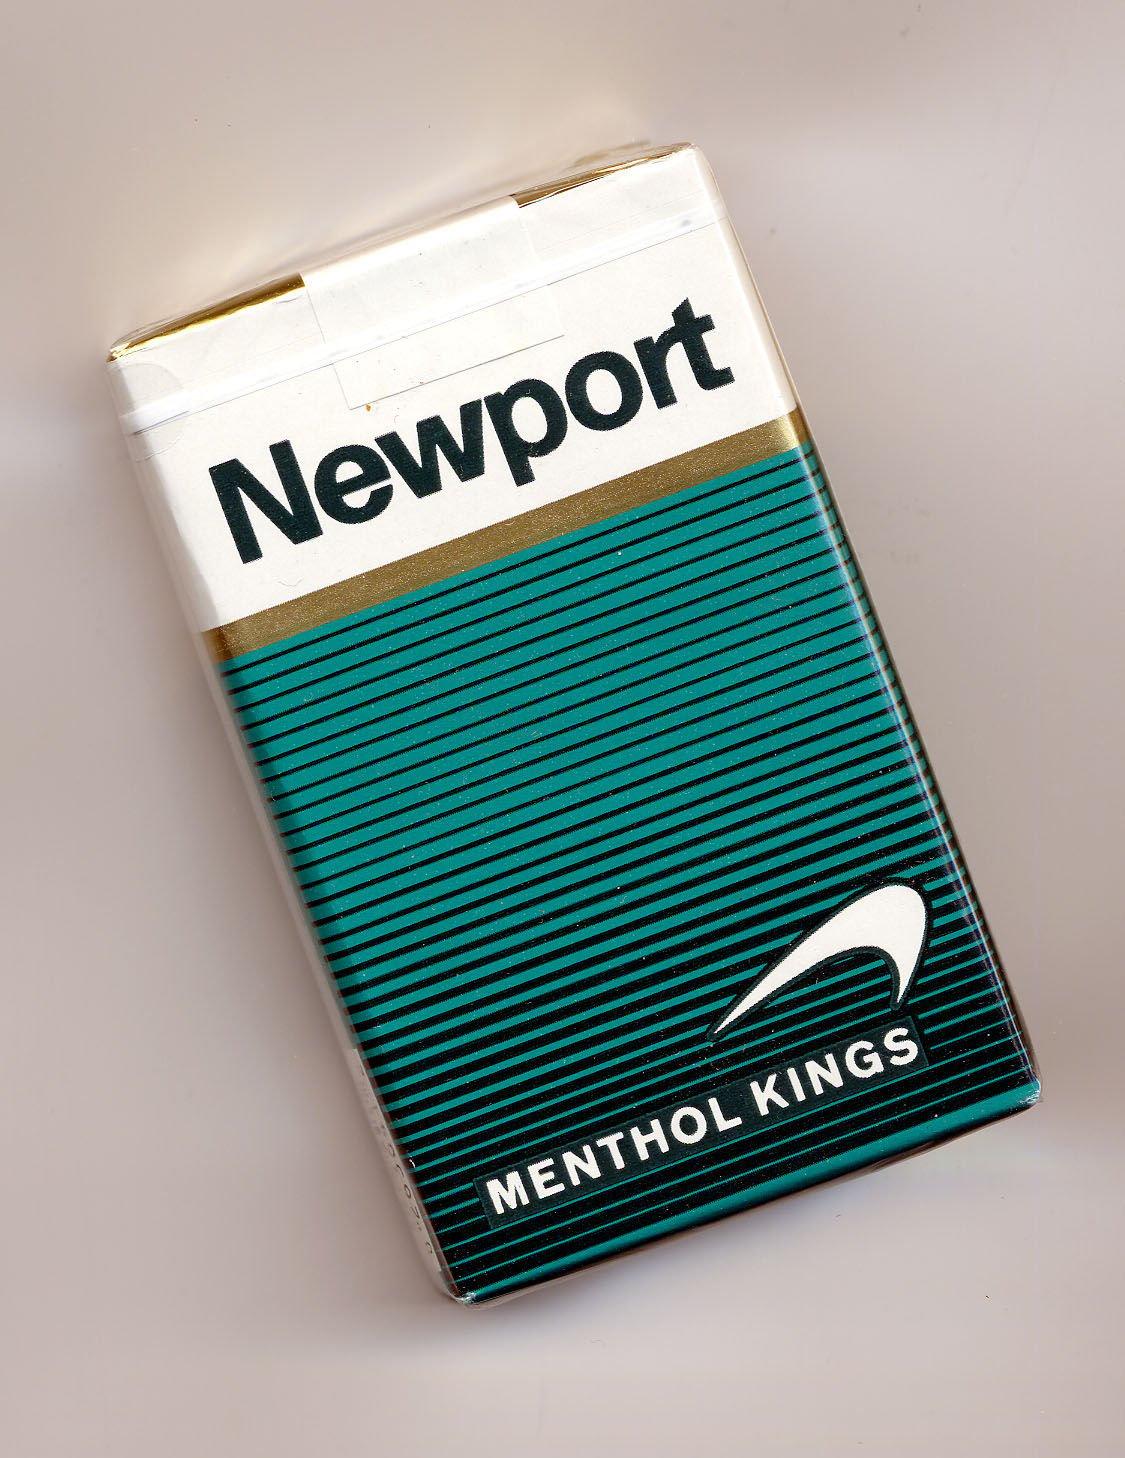 Newport Menthol Gold 's box cigarettes. 88 Reviews. $